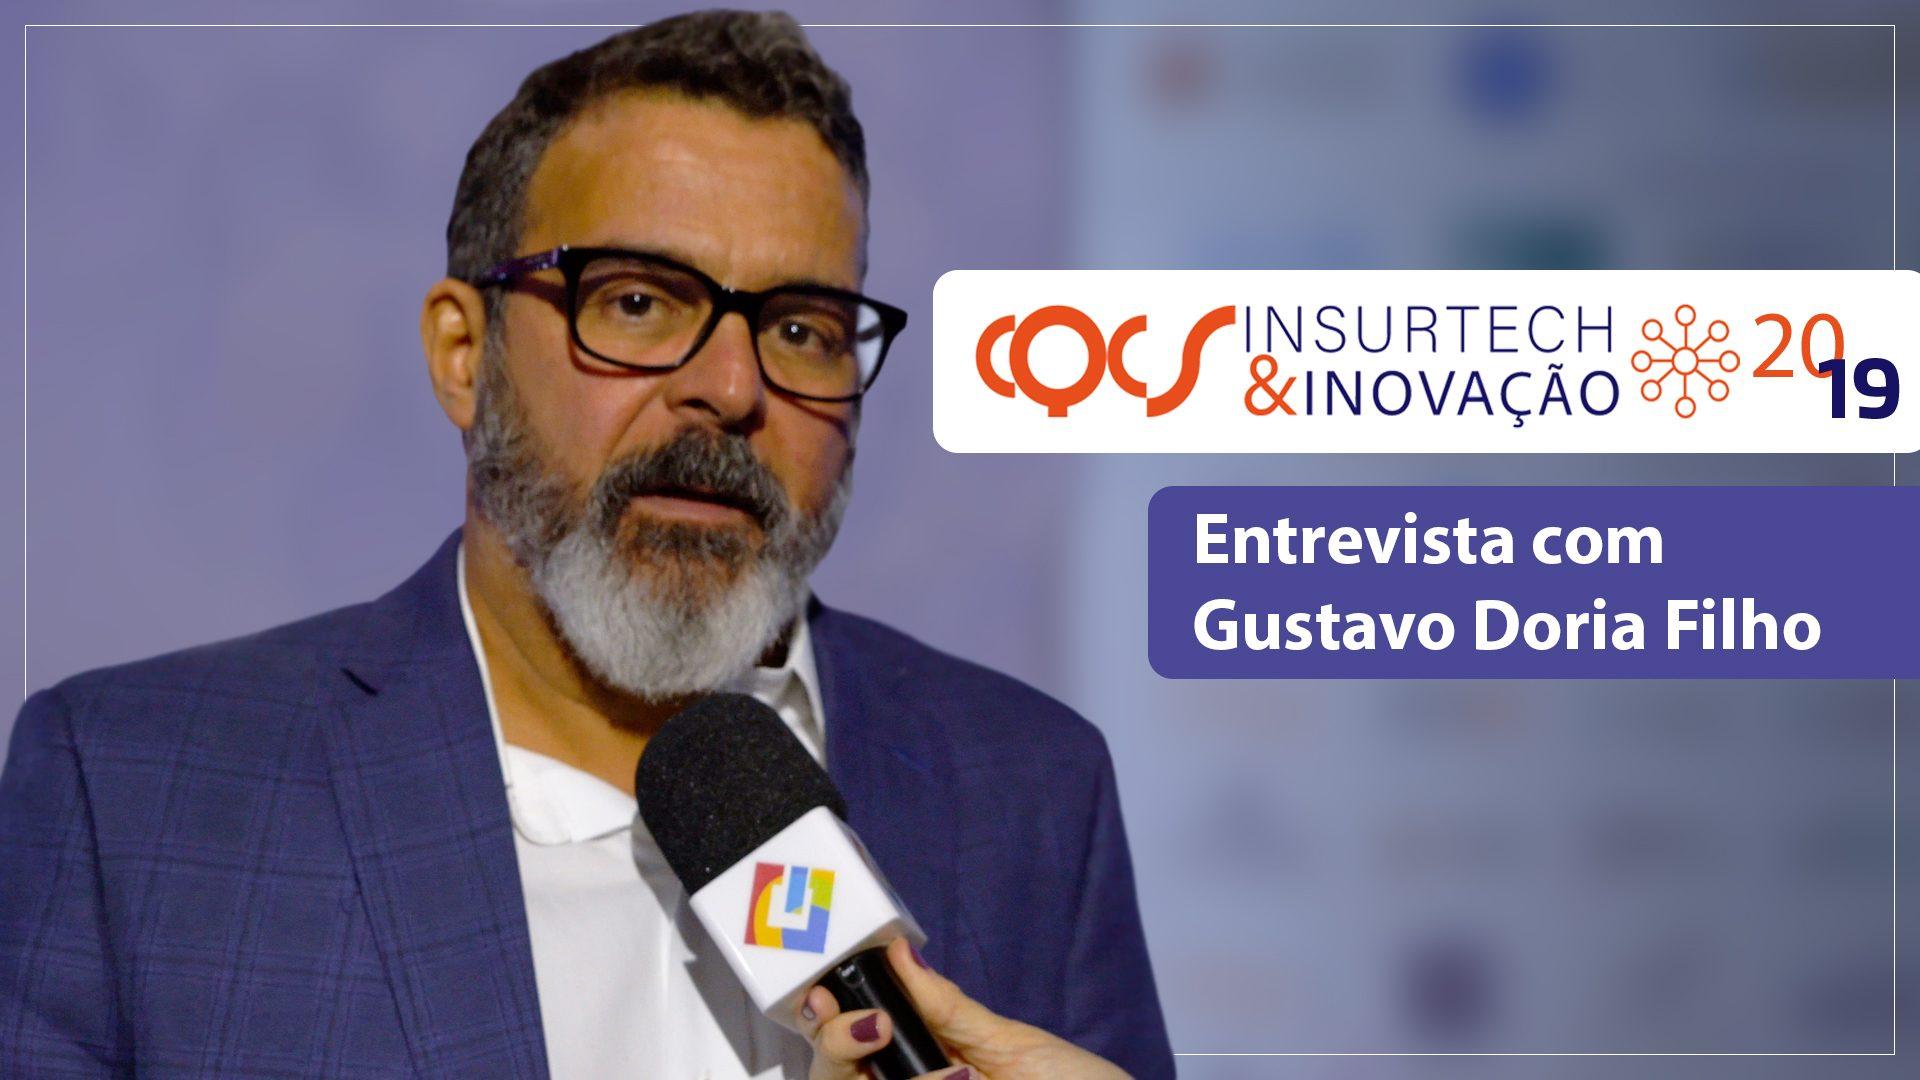 Gustavo Doria Filho CQCS Insurtech & Inovação 2019